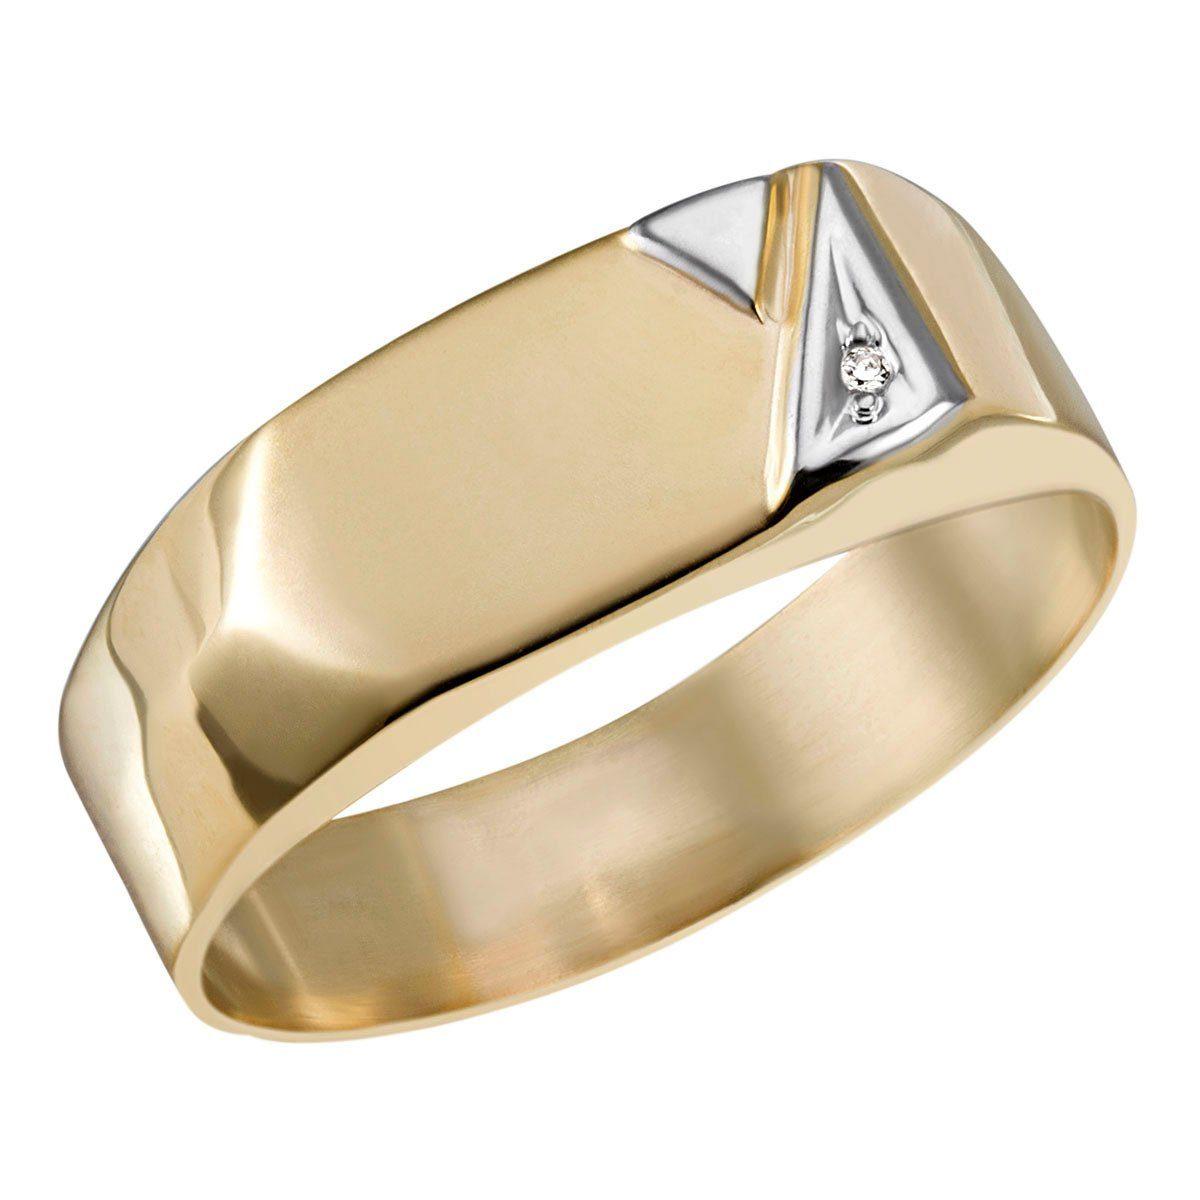 goldmaid Herrenring 375/- Gelbgold 1 Diamant 0,01 ct P2